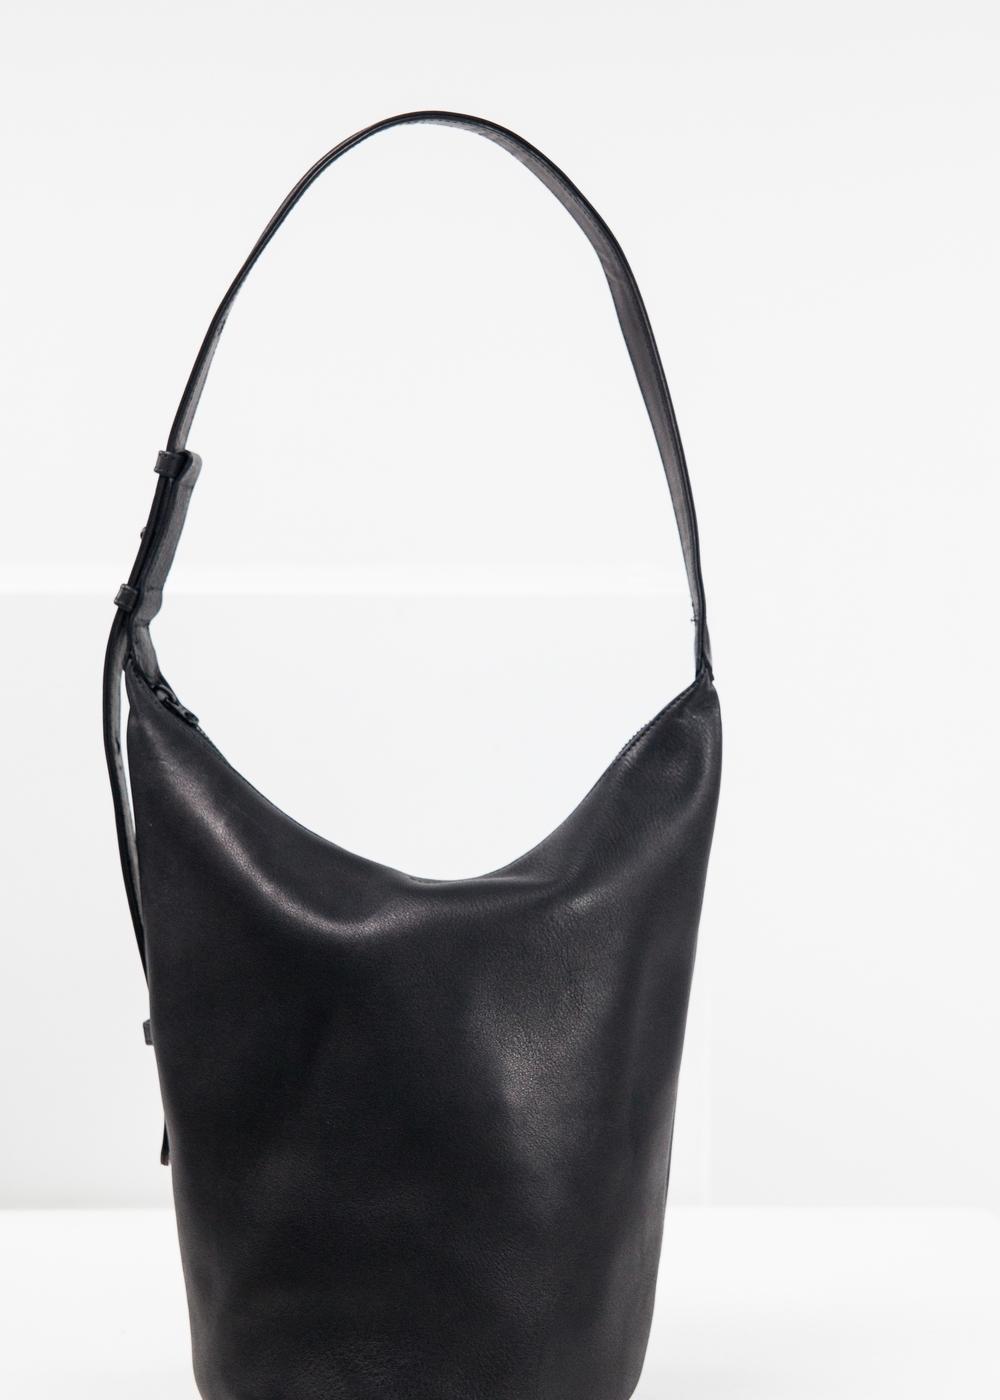 anaphora-brands-baggy